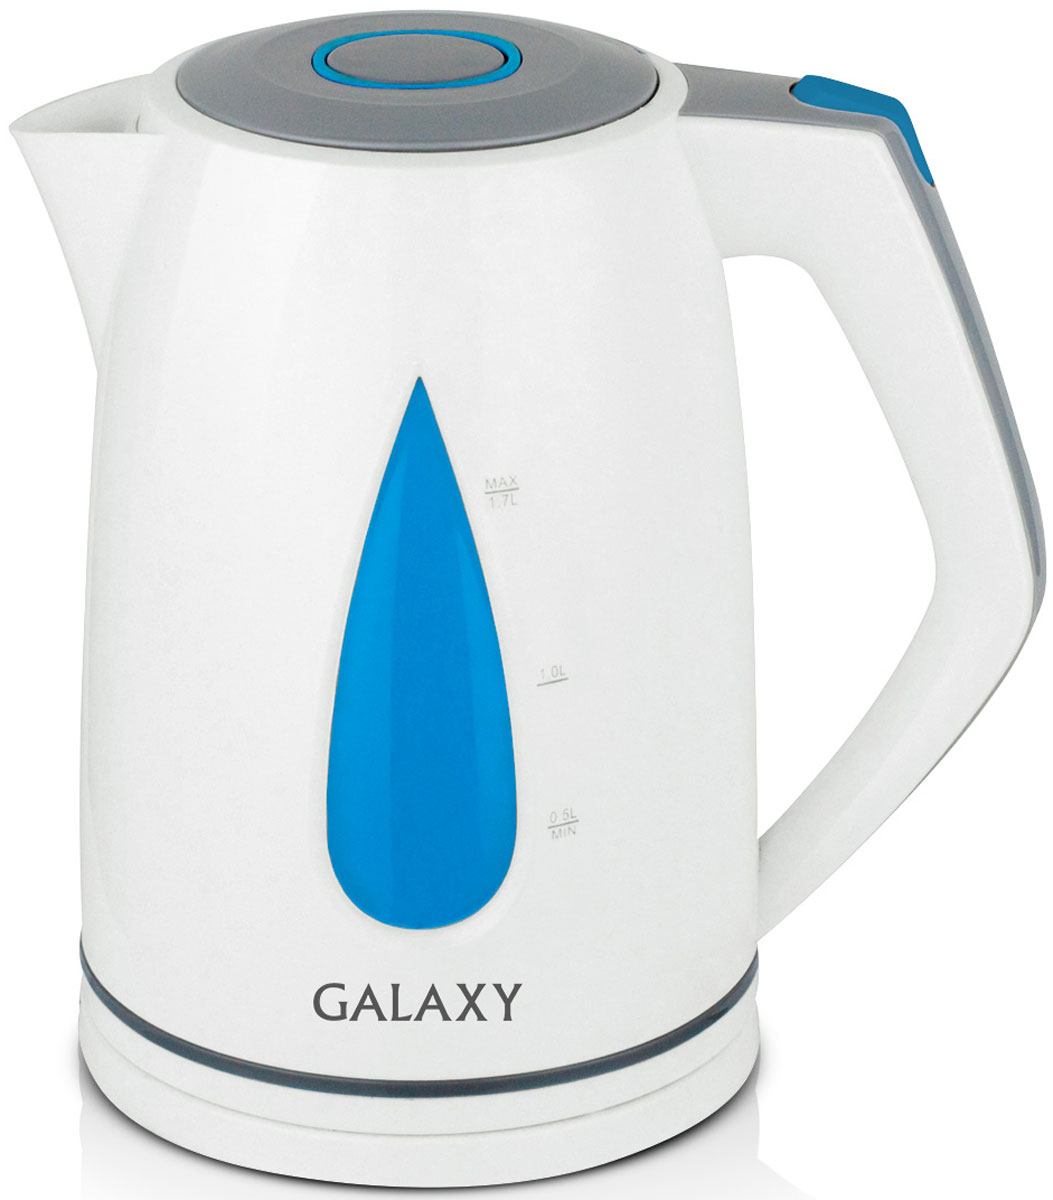 Galaxy GL 0201 чайник электрический4630003368881Электрический чайник Galaxy GL 0201 отвечает всем современным требованиям надежности и безопасности. При его производстве используются только высококачественные и экологически безопасные материалы, а также нагревательный элемент высокого класса надежности. Galaxy GL 0201 будет служить вам долгие годы, наполняя ваш быт комфортом!